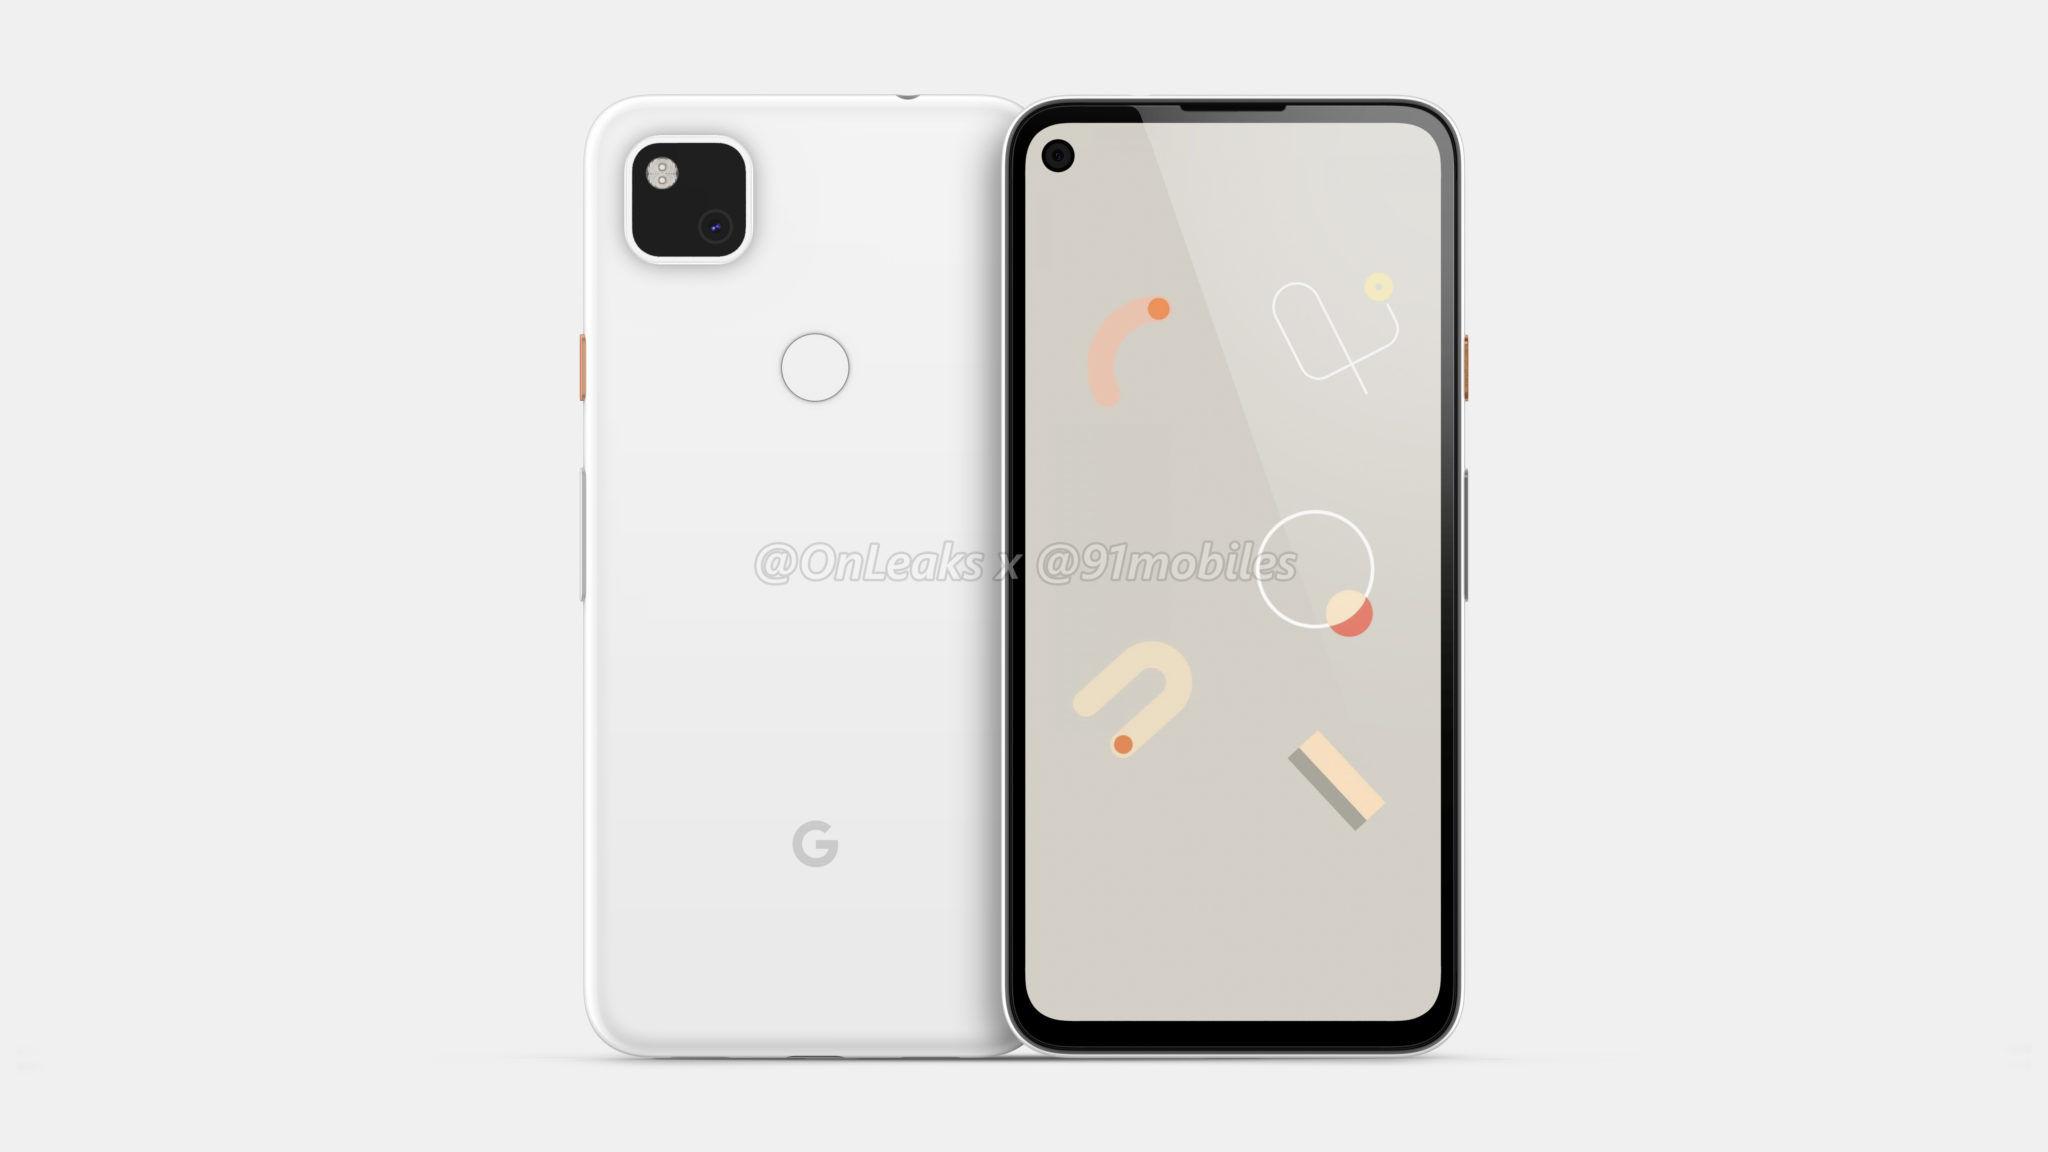 Google Pixel 4a : date de sortie, prix, fiche technique… tout ce que l'on sait sur le smartphone abordable de Google